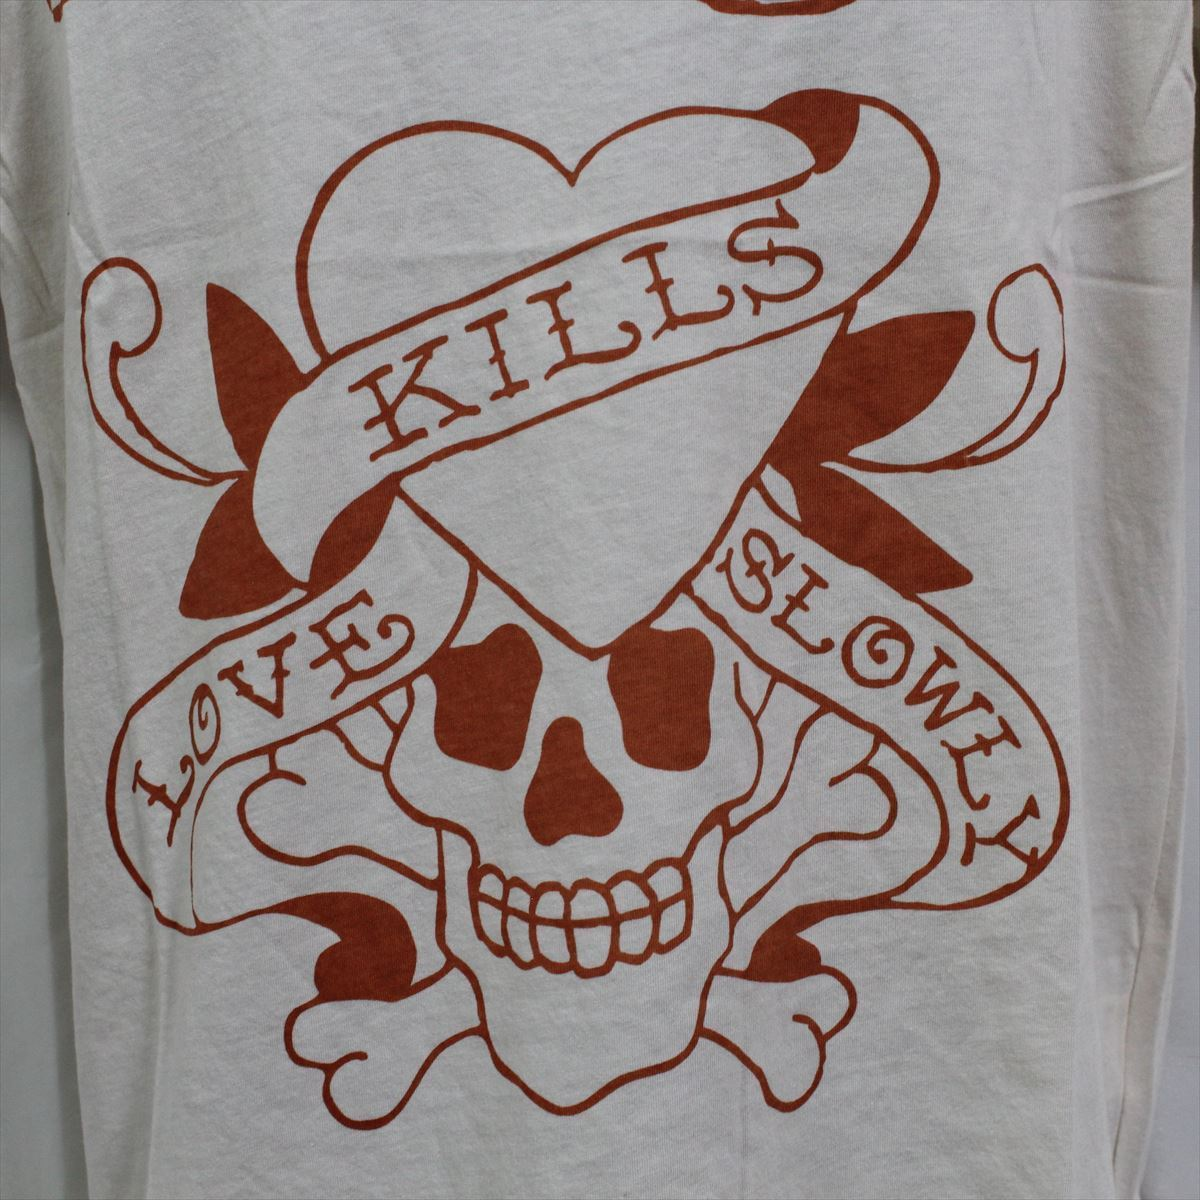 エドハーディー ED HARDY メンズ半袖Tシャツ Sサイズ M02SPR052 LOVE KILLS SLOWLY 新品 オレンジ_画像2